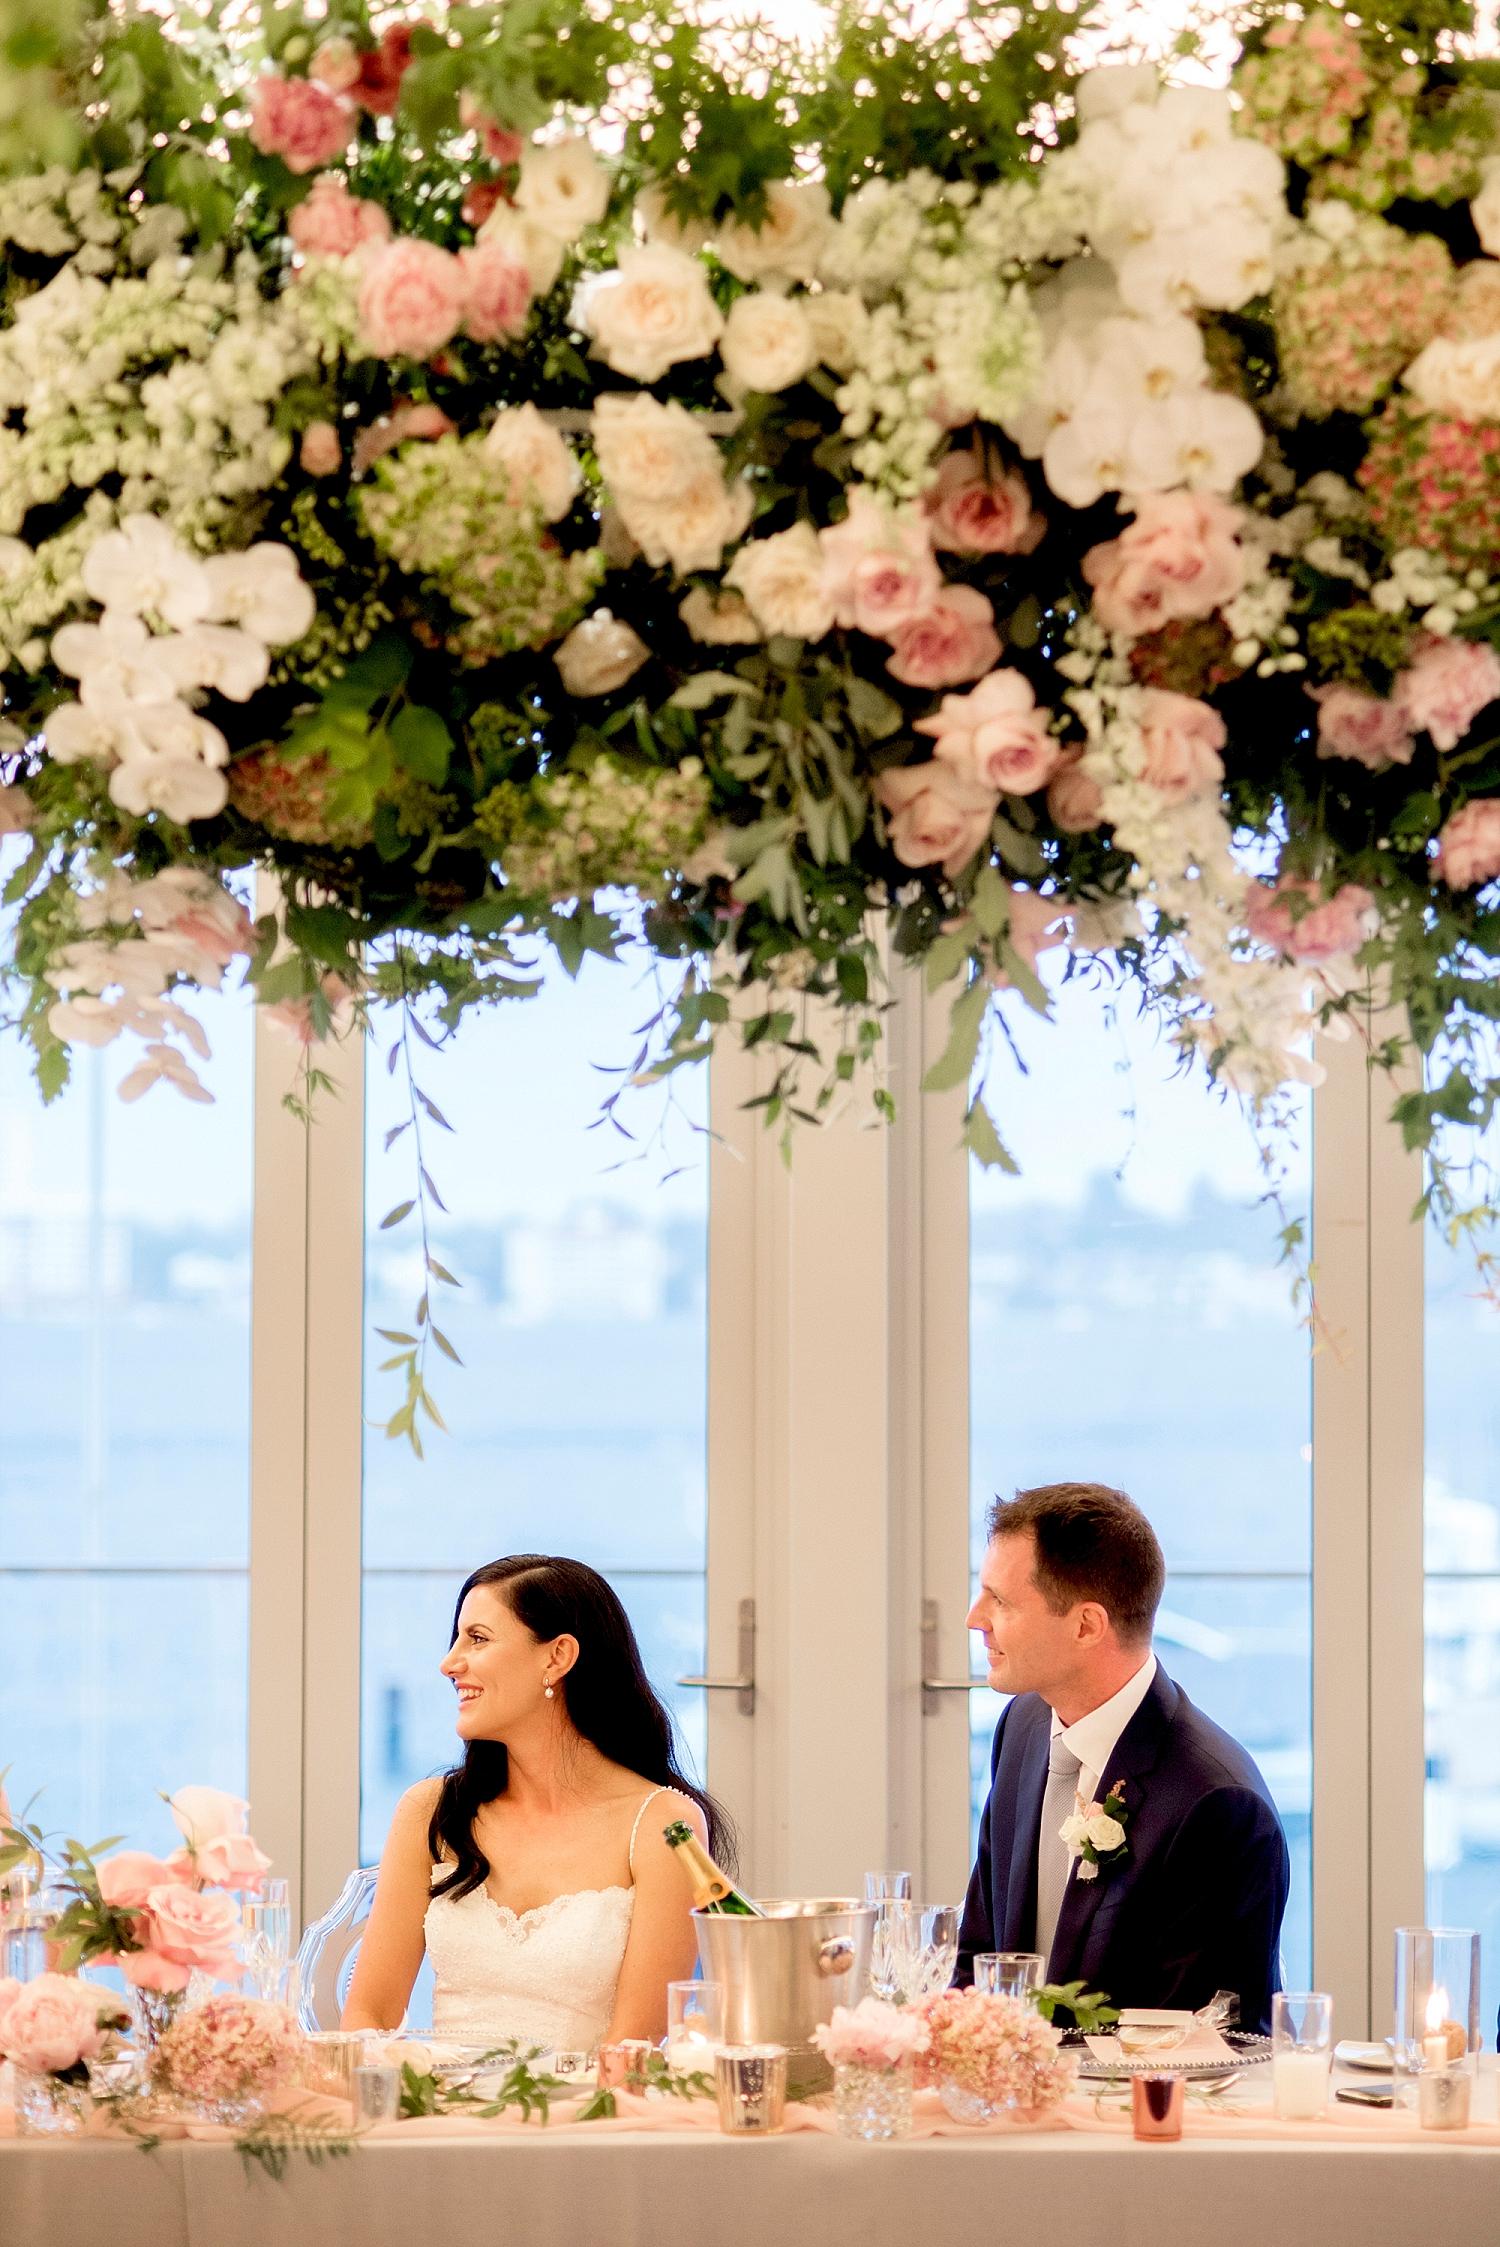 76_royal freshwater bay yacht club wedding Perth.jpg